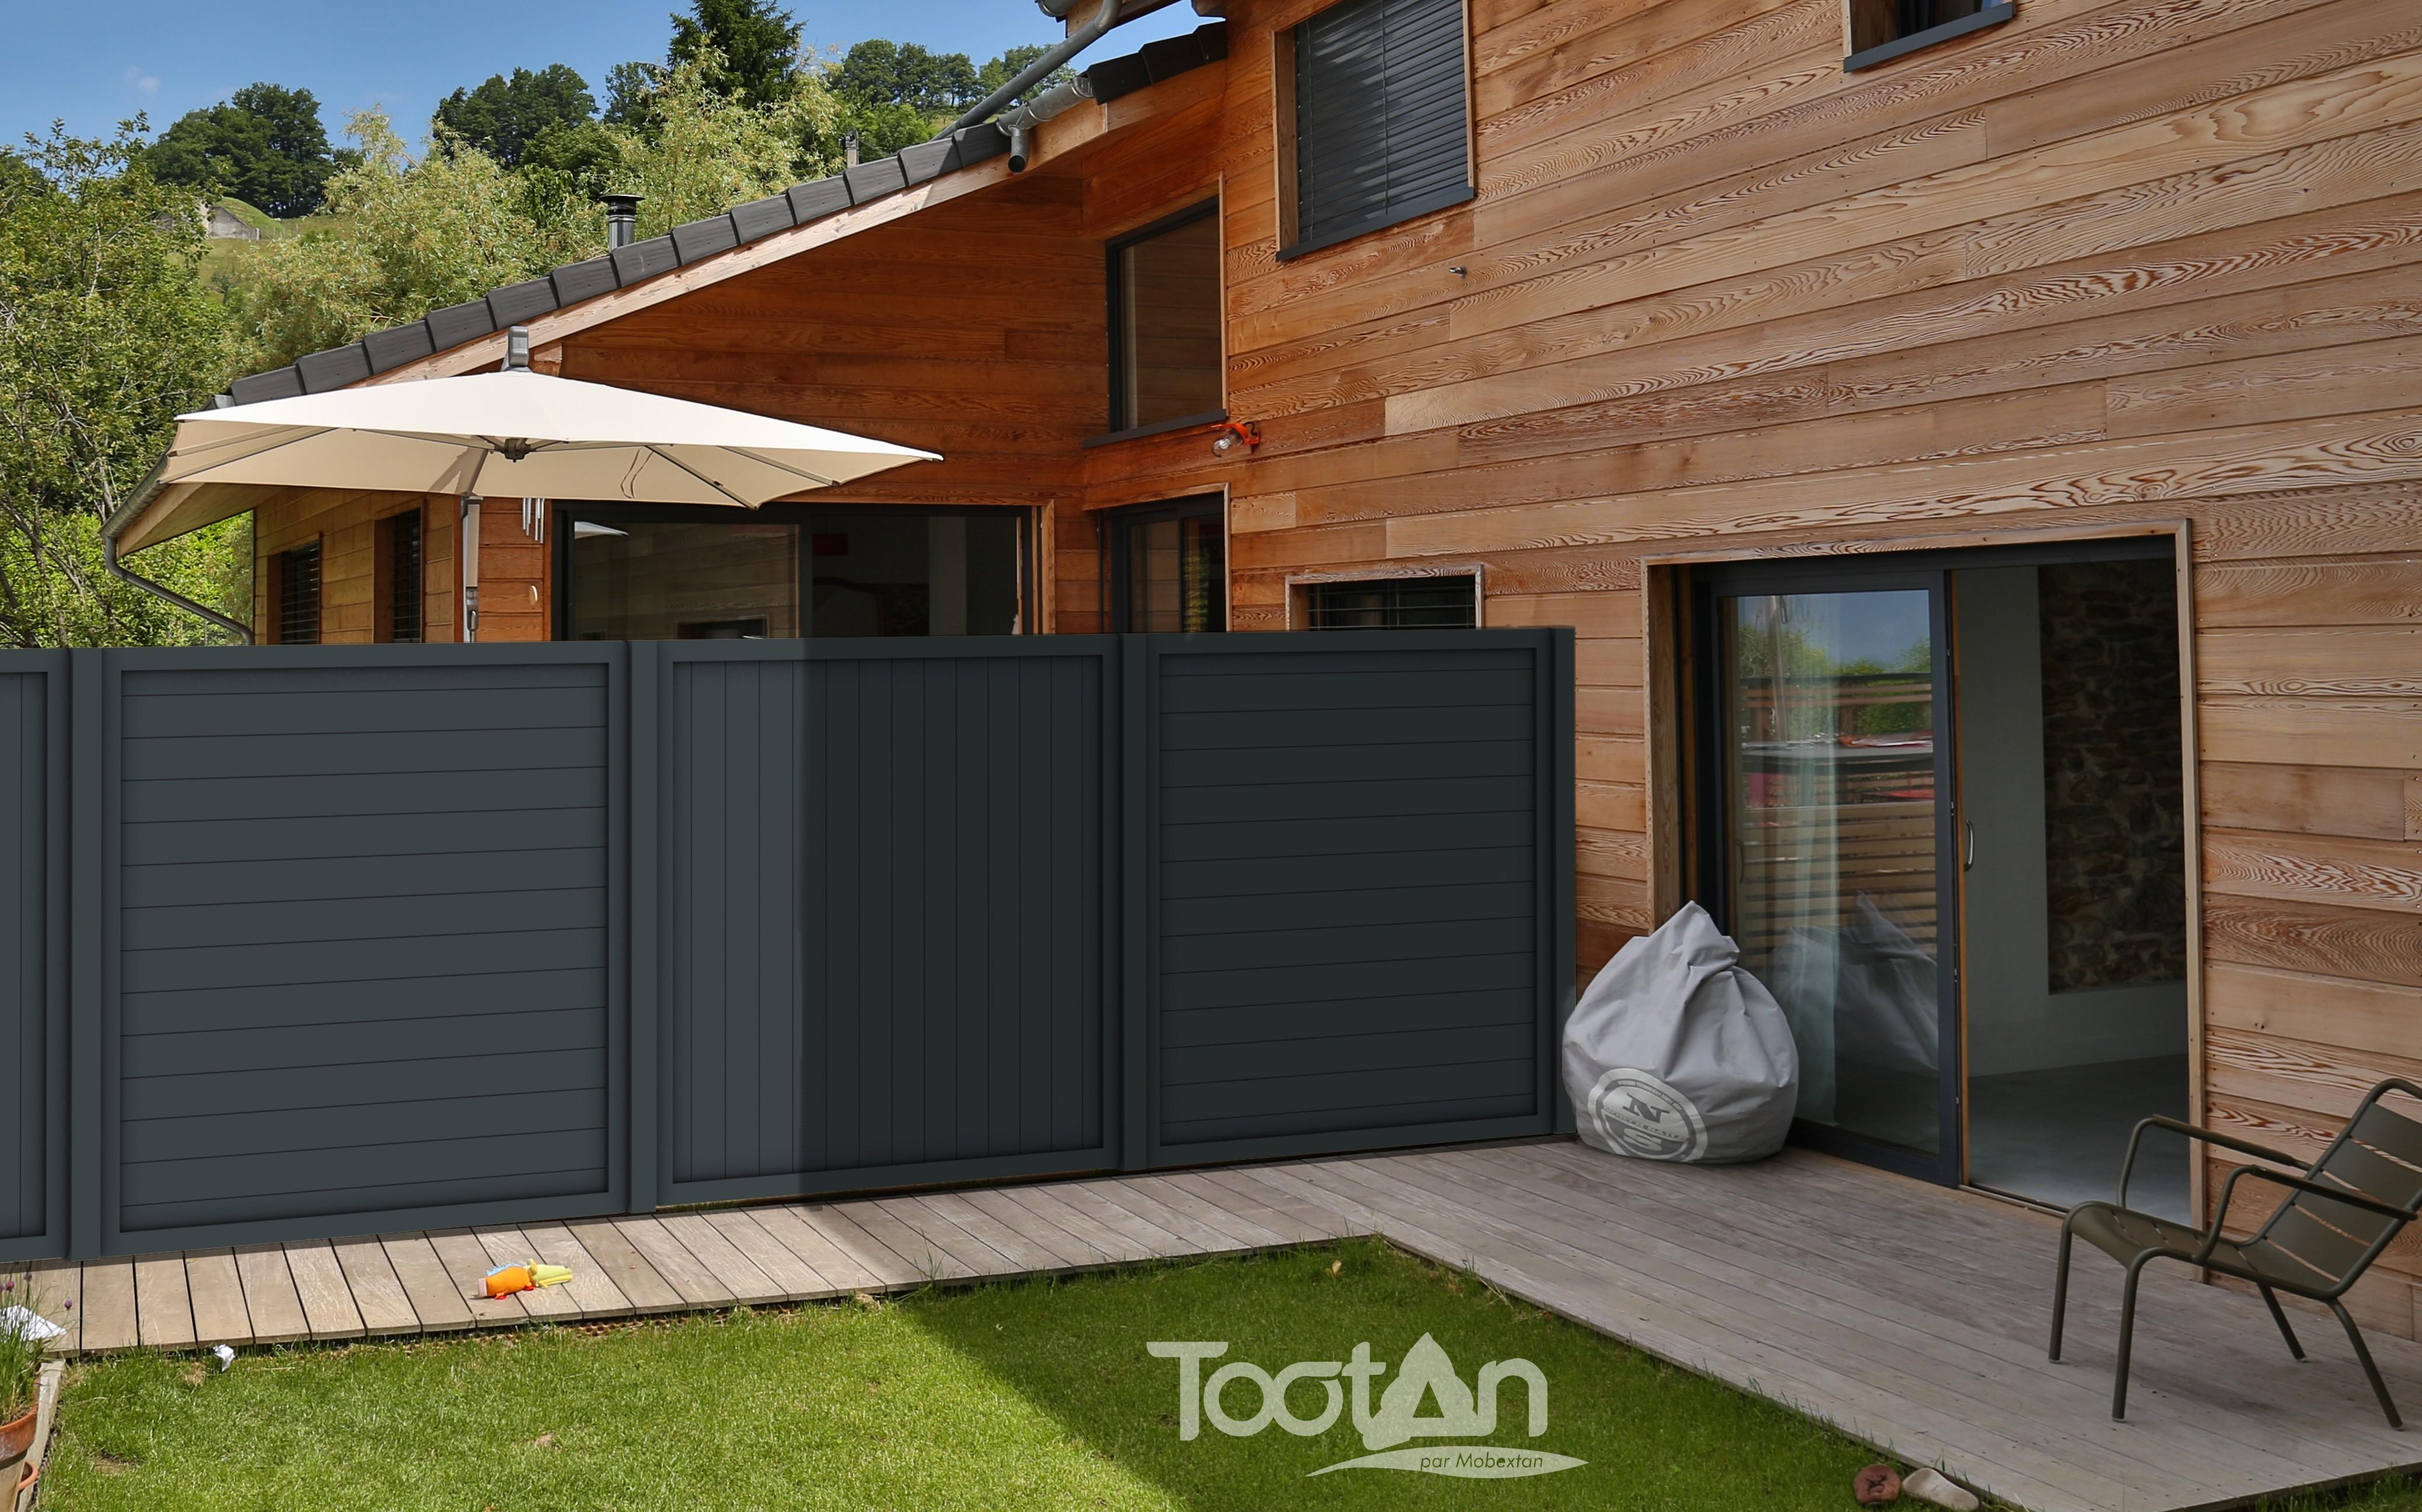 Tootan le bois cadre d 39 envie for Palissade bois exterieur